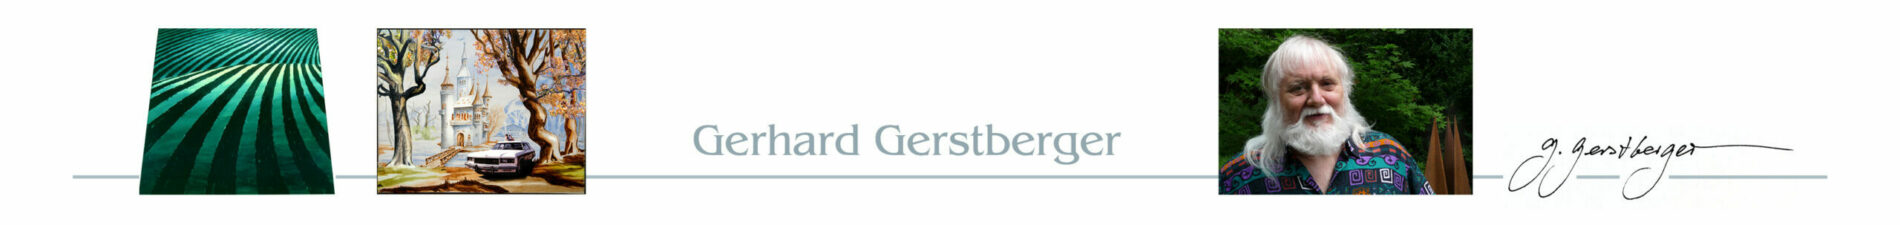 Atelier Gerstberger